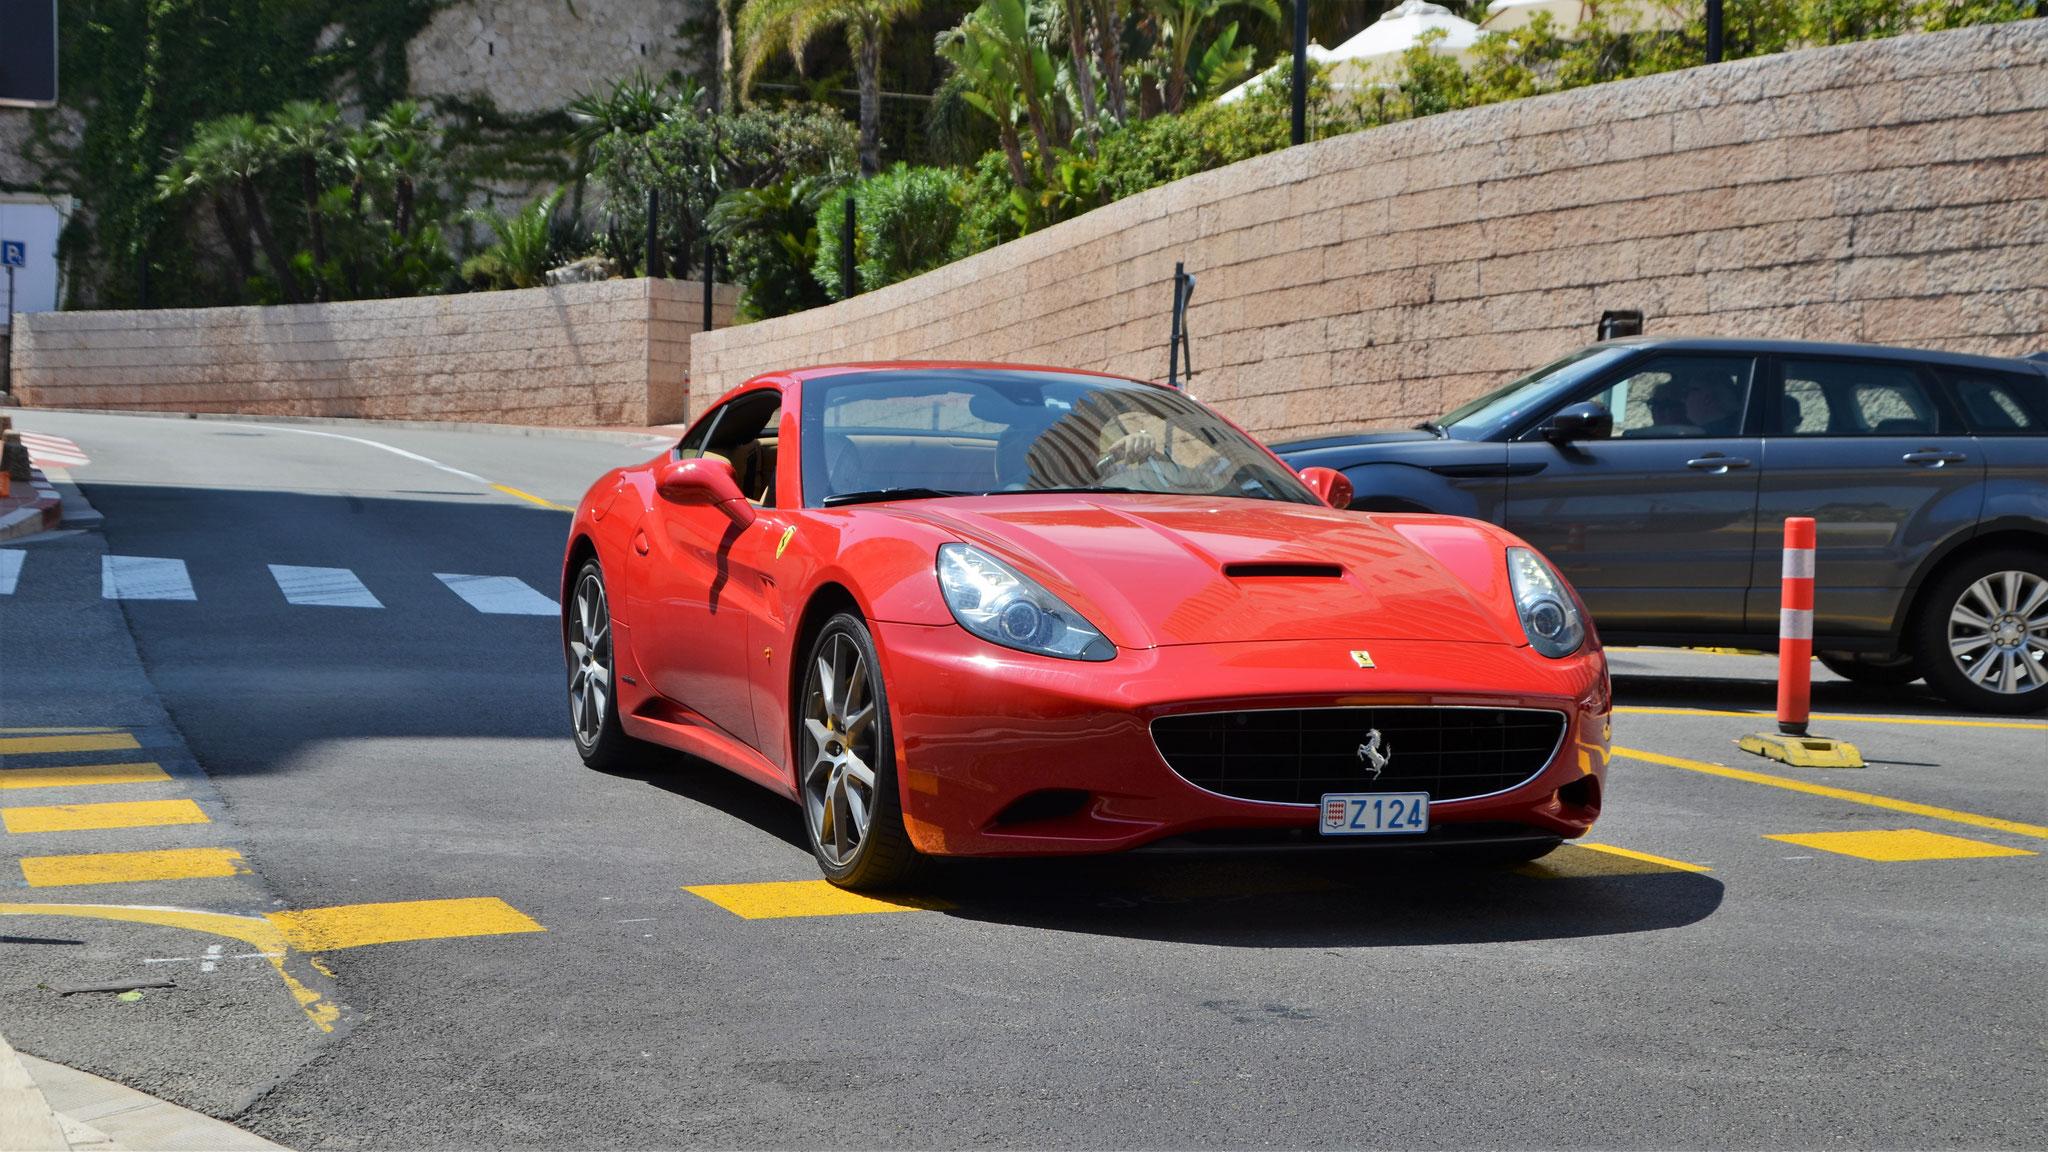 Ferrari California - Z124 (MC)